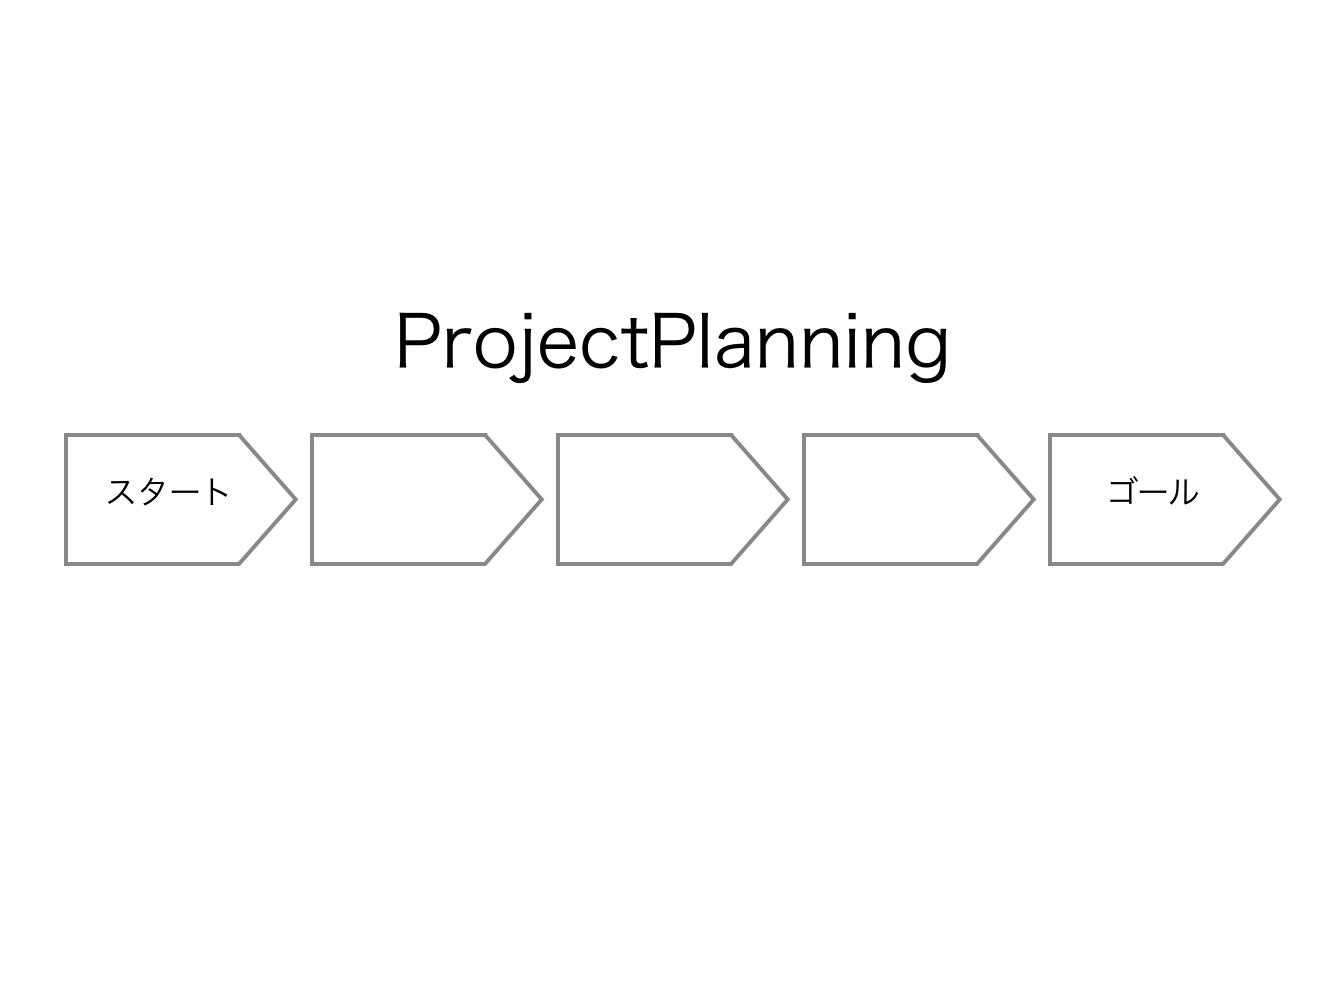 意外とやっていないかも?:ProjectPlanning(プロジェクトプランニング)